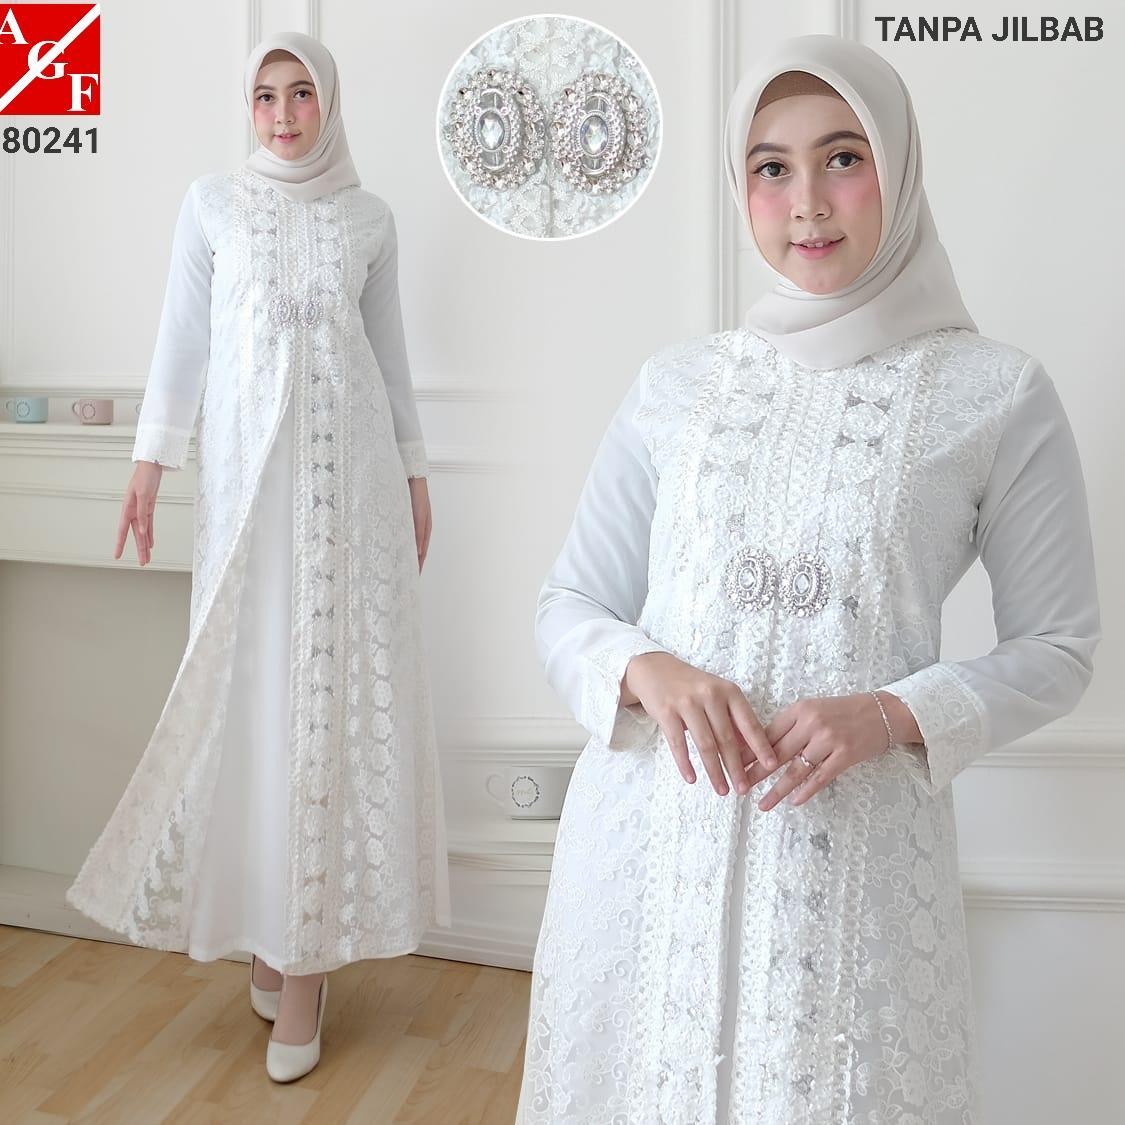 SALE!! AGNES Baju Gamis Wanita Brukat / Gamis Putih Lebaran Umroh Haji / Busana Muslim Wanita / Baju Muslim Wanita / Gamis Pesta #80241